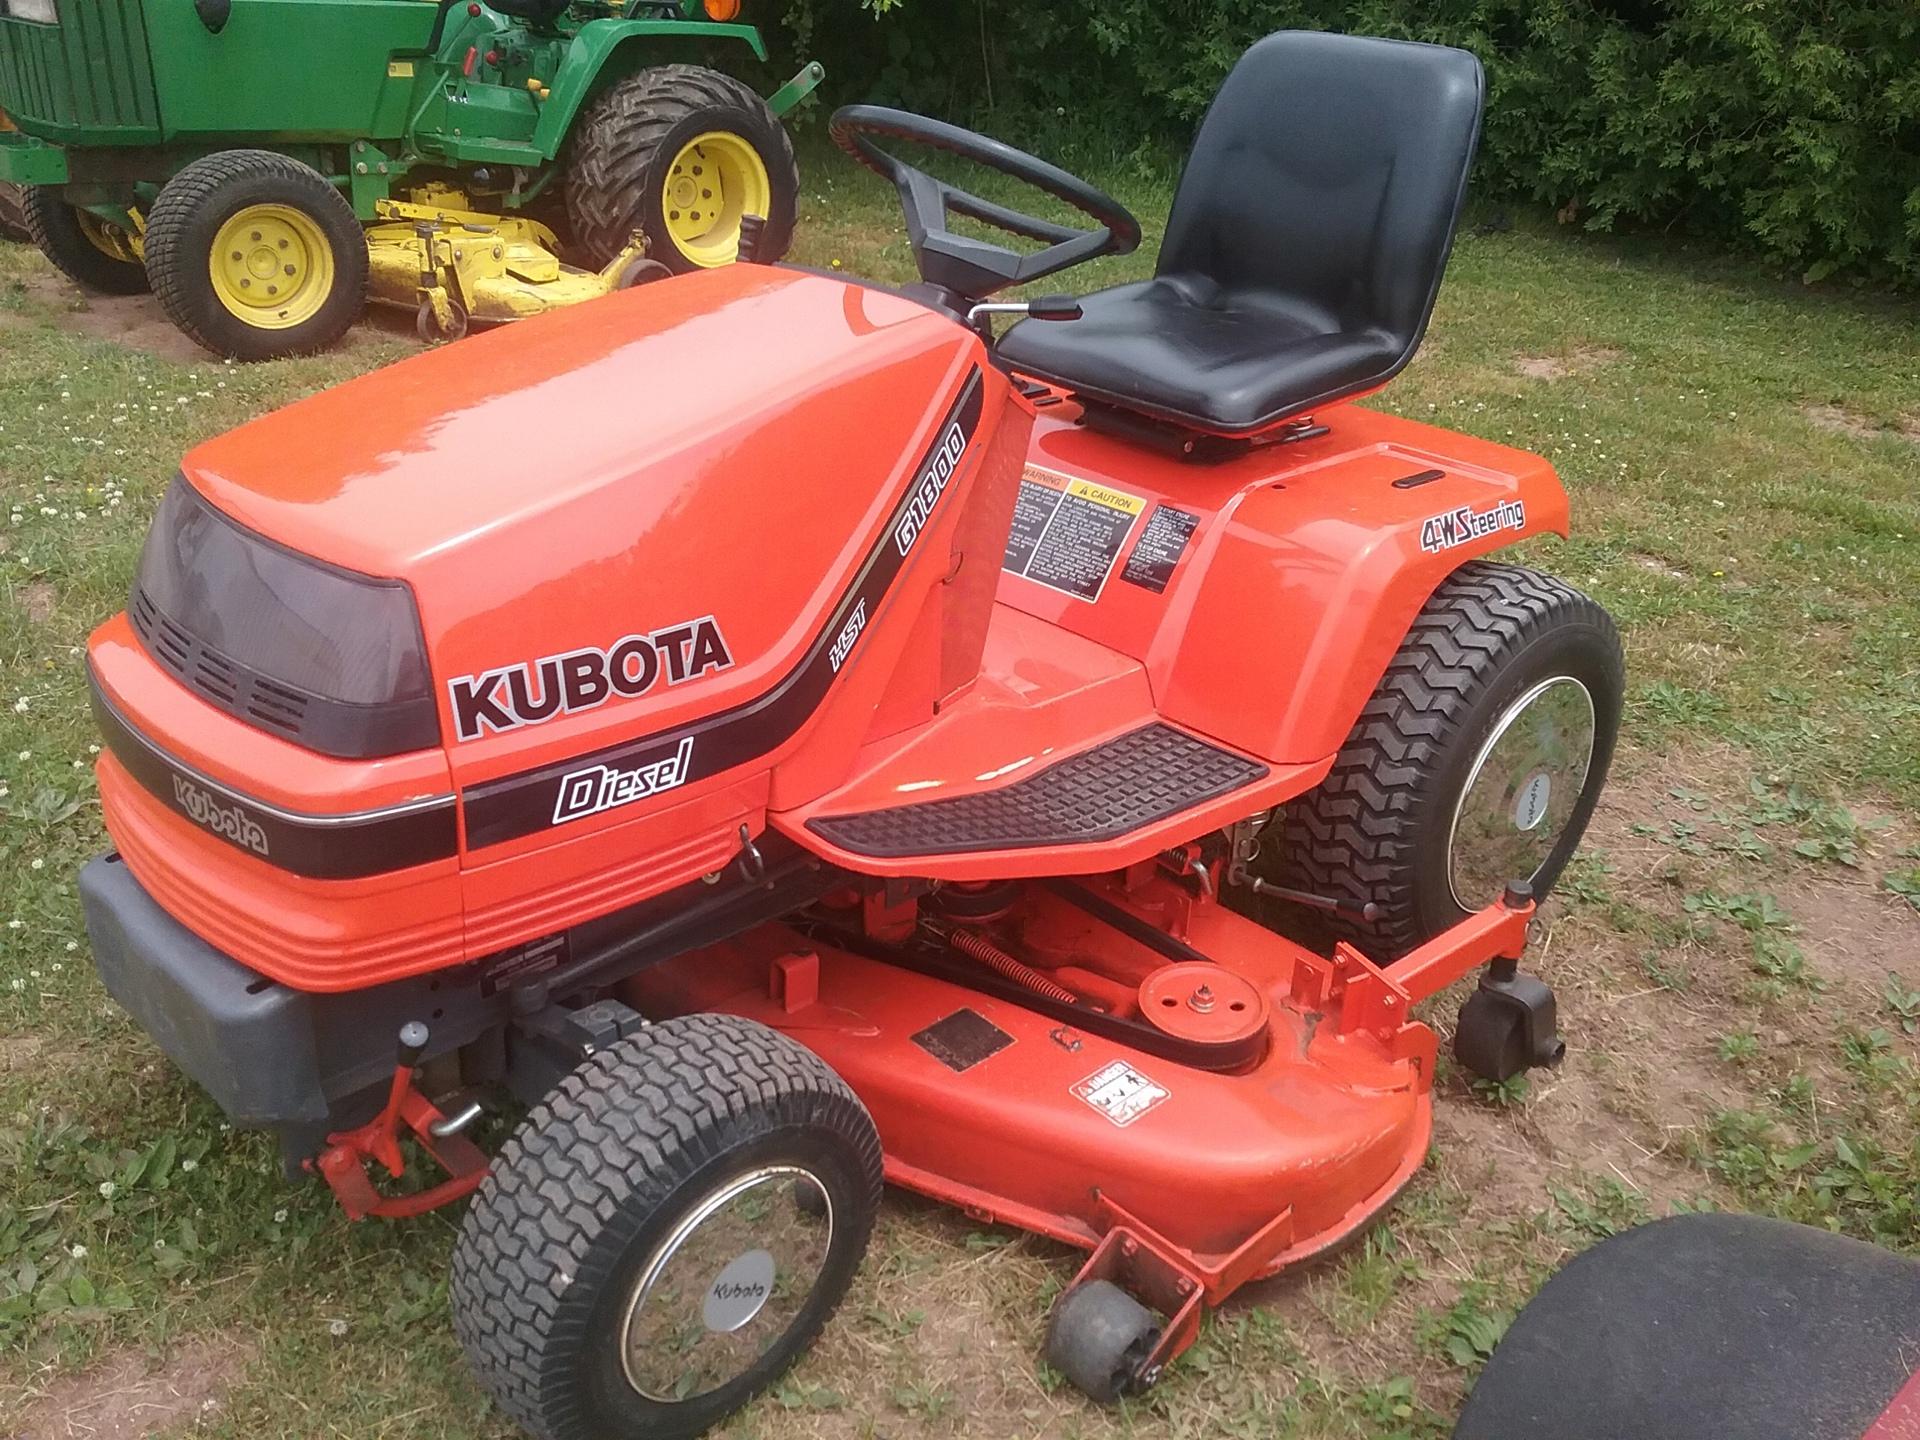 Used KUBOTA G1800 $2,450.00